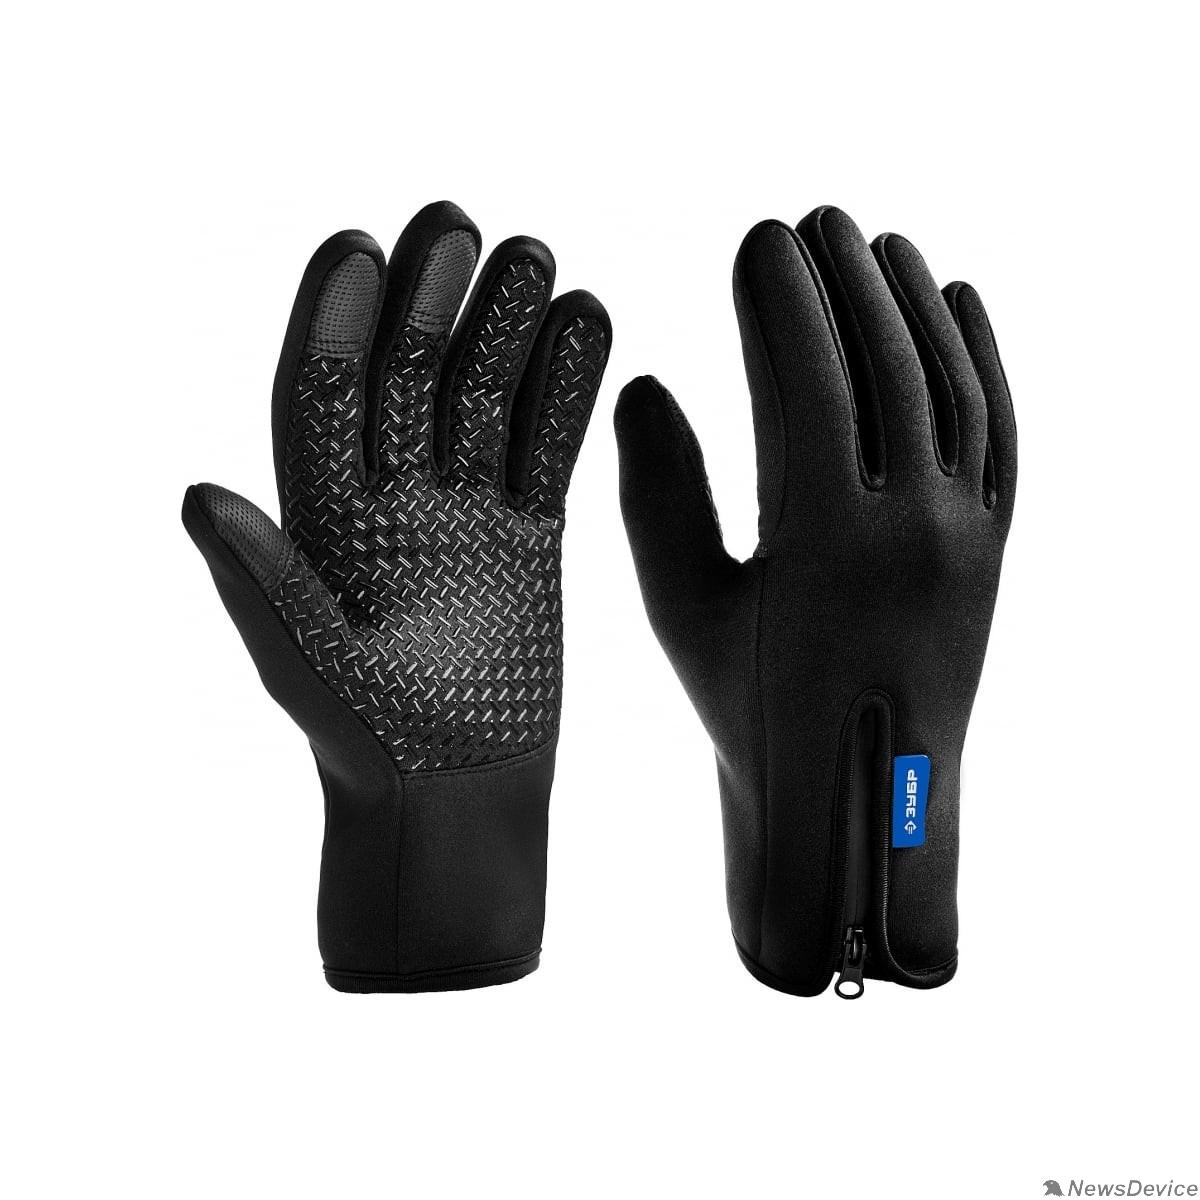 Перчатки ЗУБР НОРД, размер XL,утепленные ветро- и влаго- защищенные перчатки 11460-XL